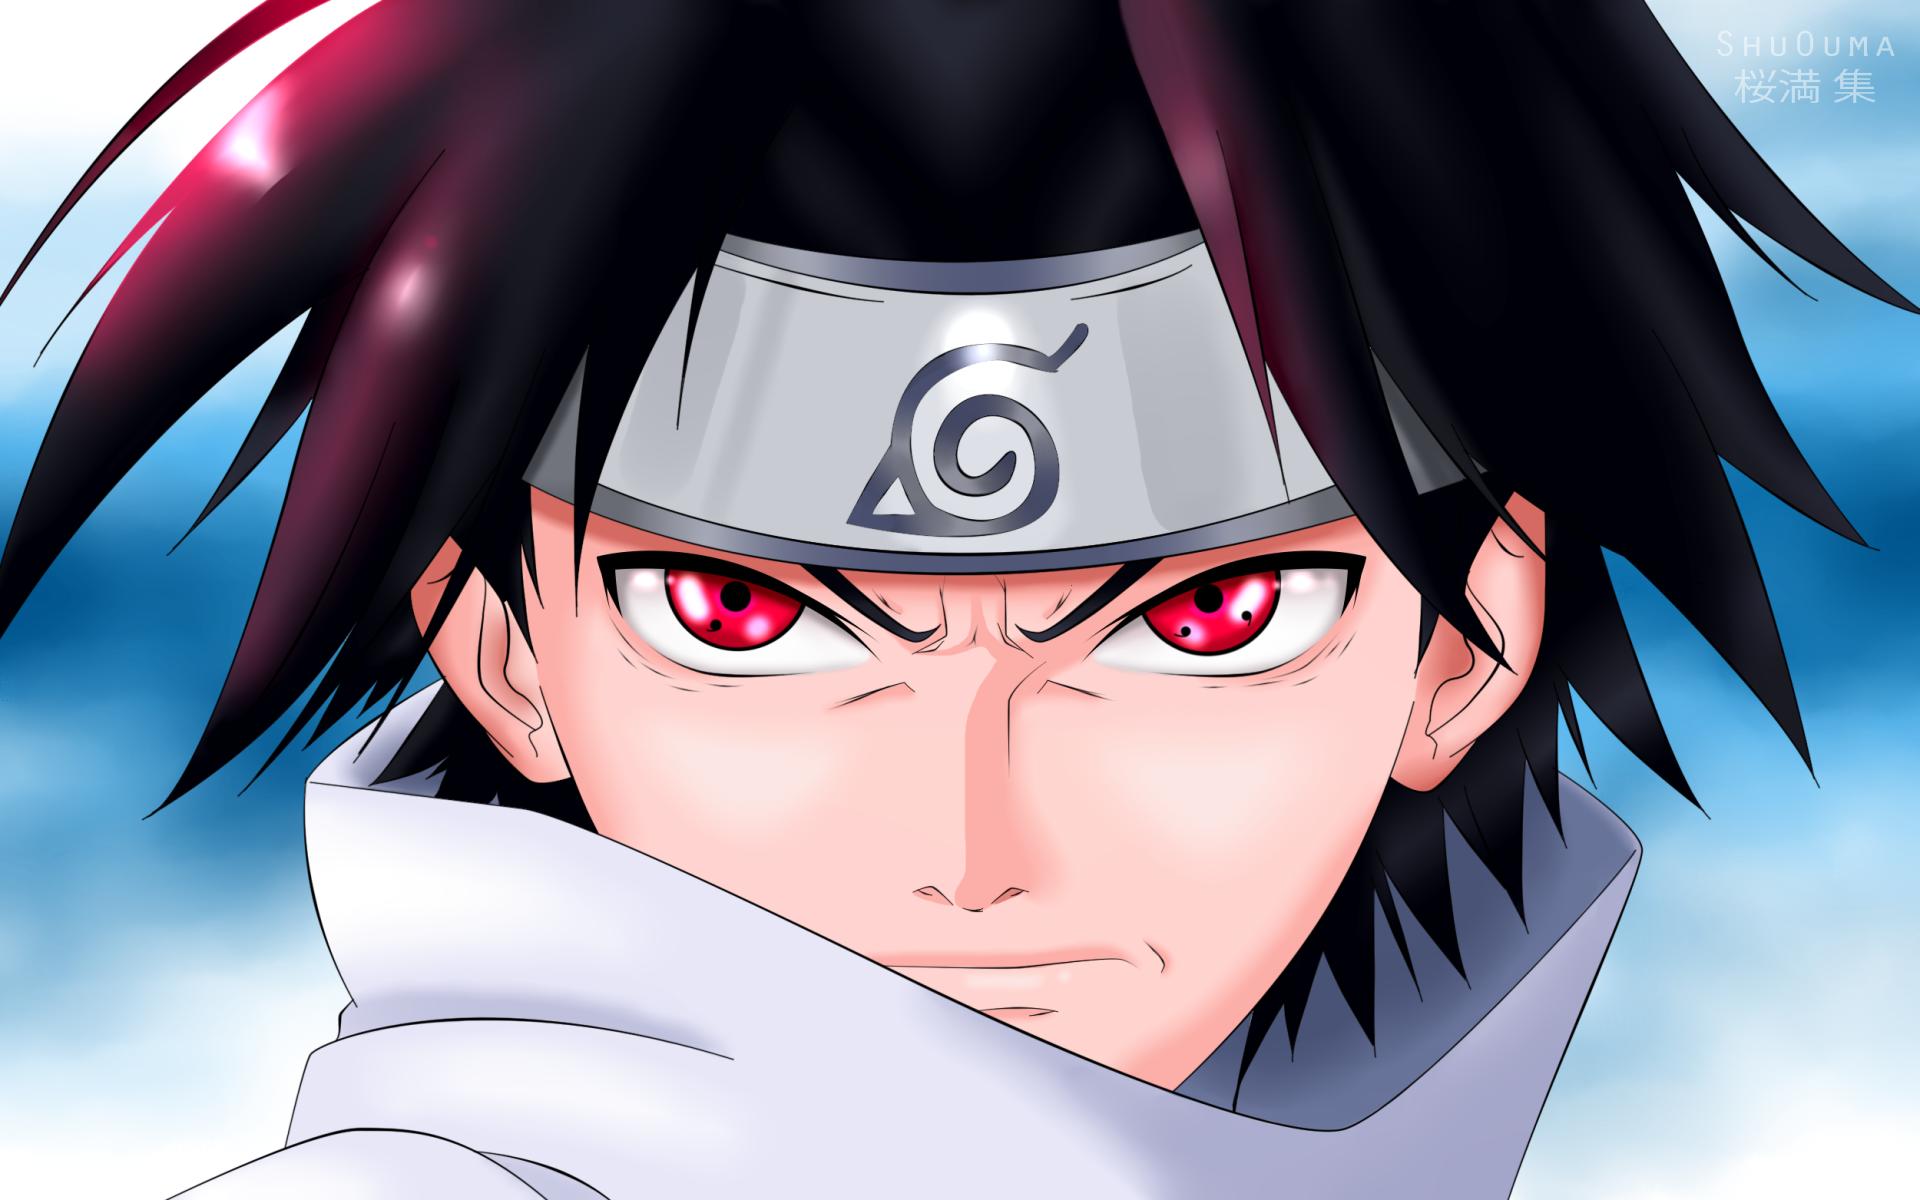 Sasuke Uchiha, Red Eyes, Ninja Sharingan, Manga, Naruto - Sasuke Uchiha Sharingan - HD Wallpaper